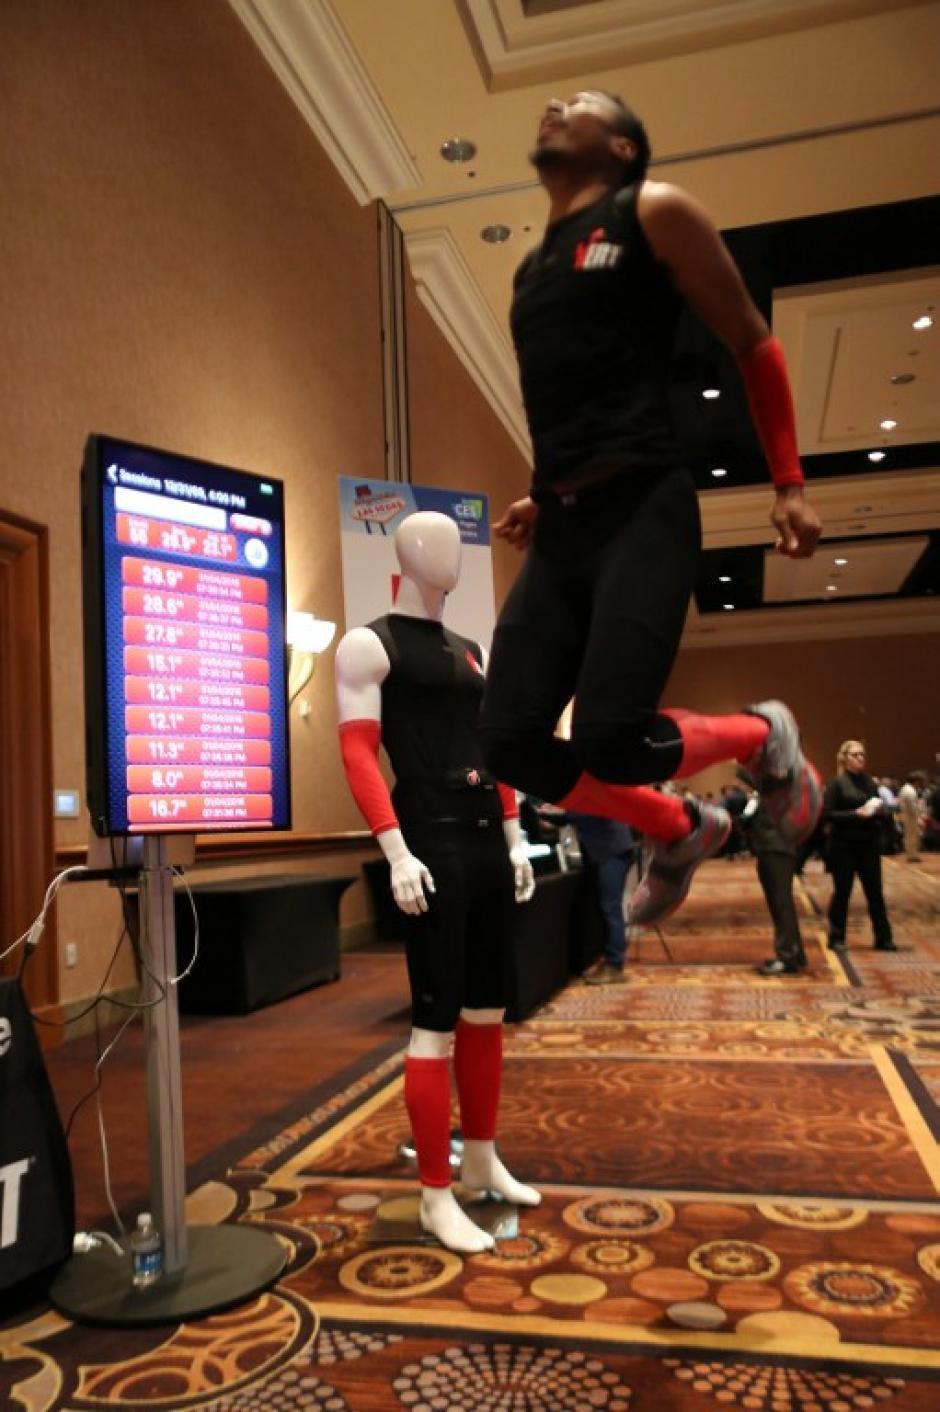 El Vert es un aparato que utiliza un sensor en el cuerpo de un hombre y determina la altura de su salto y otra información personal en el CES Unveiled. (Foto: AFP/DAVID McNew)